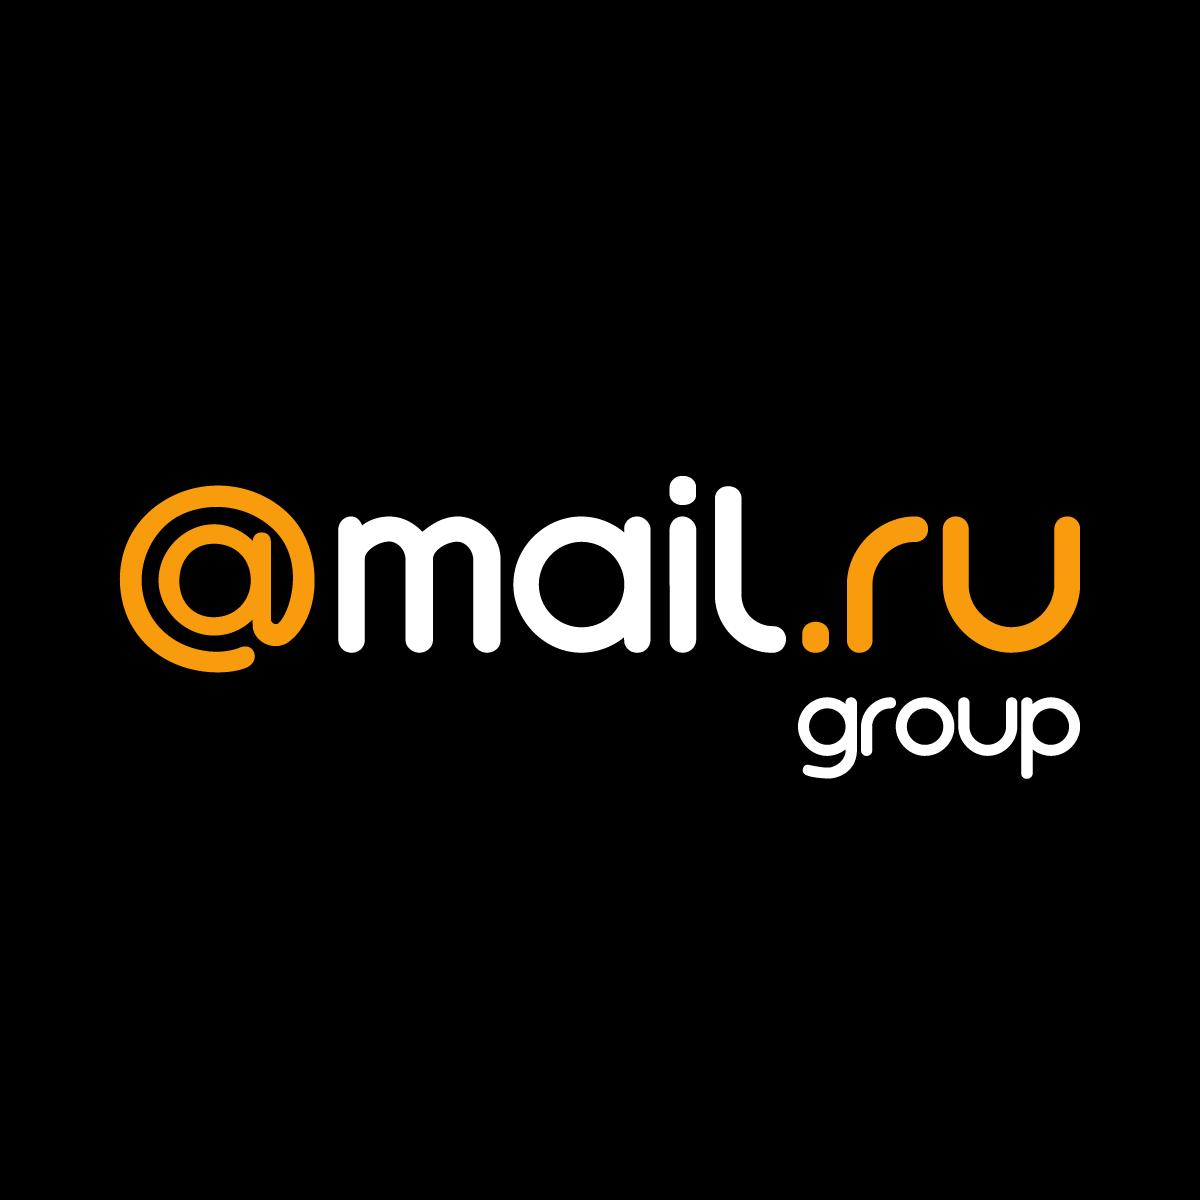 mail.ru logo png